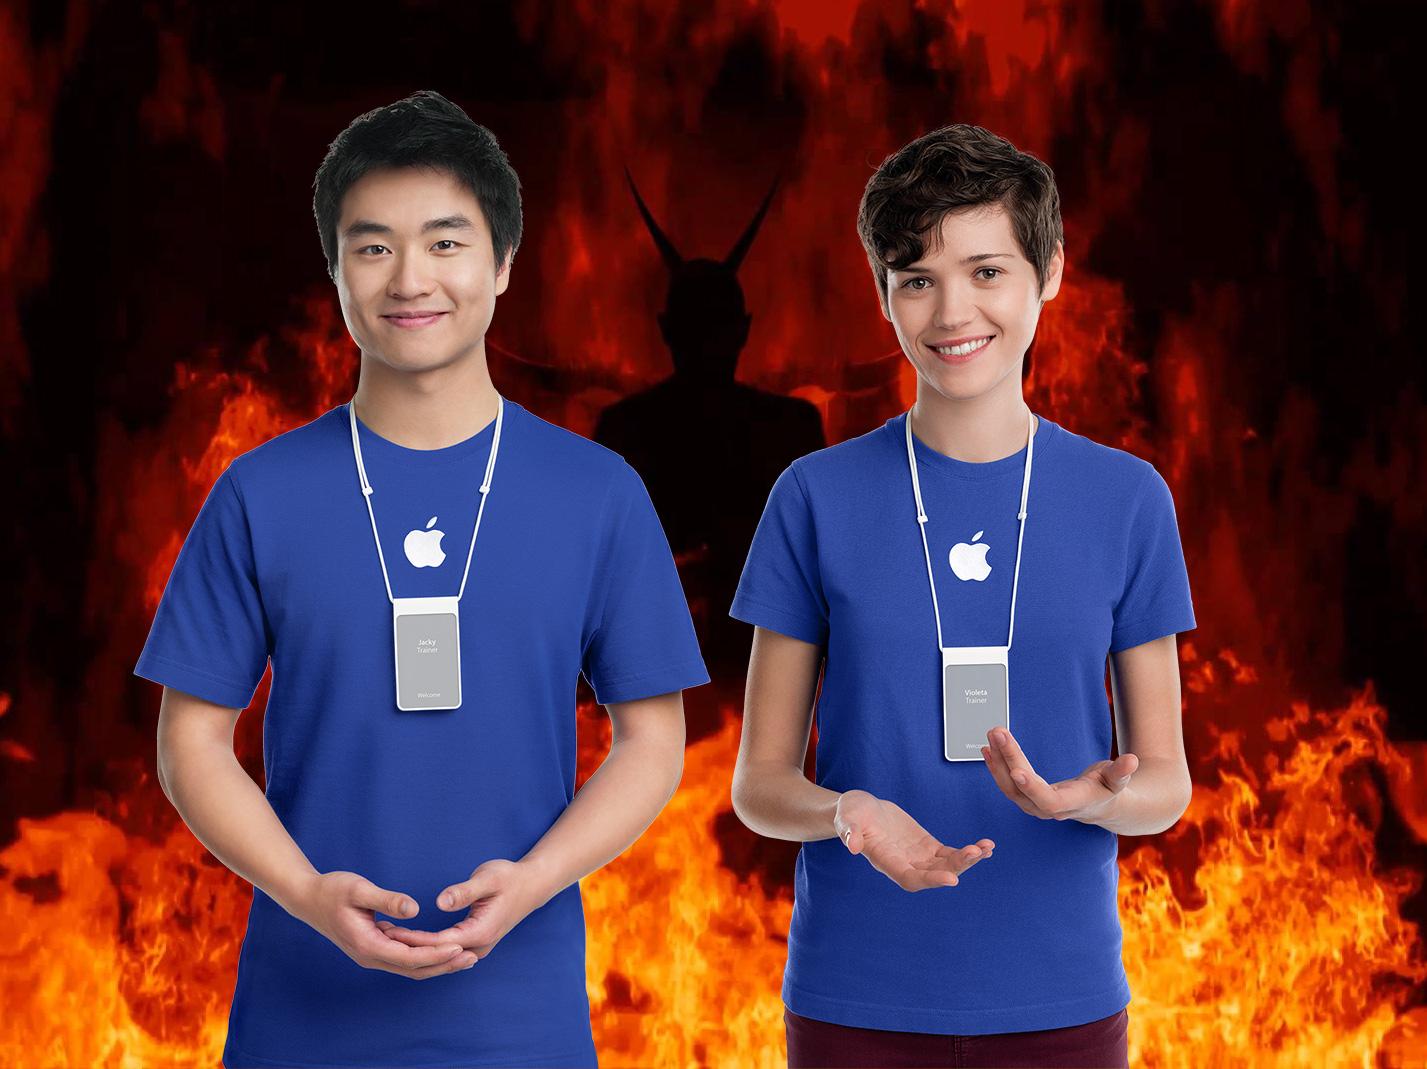 Montaje fotográfico: Empleados de Apple en el infierno